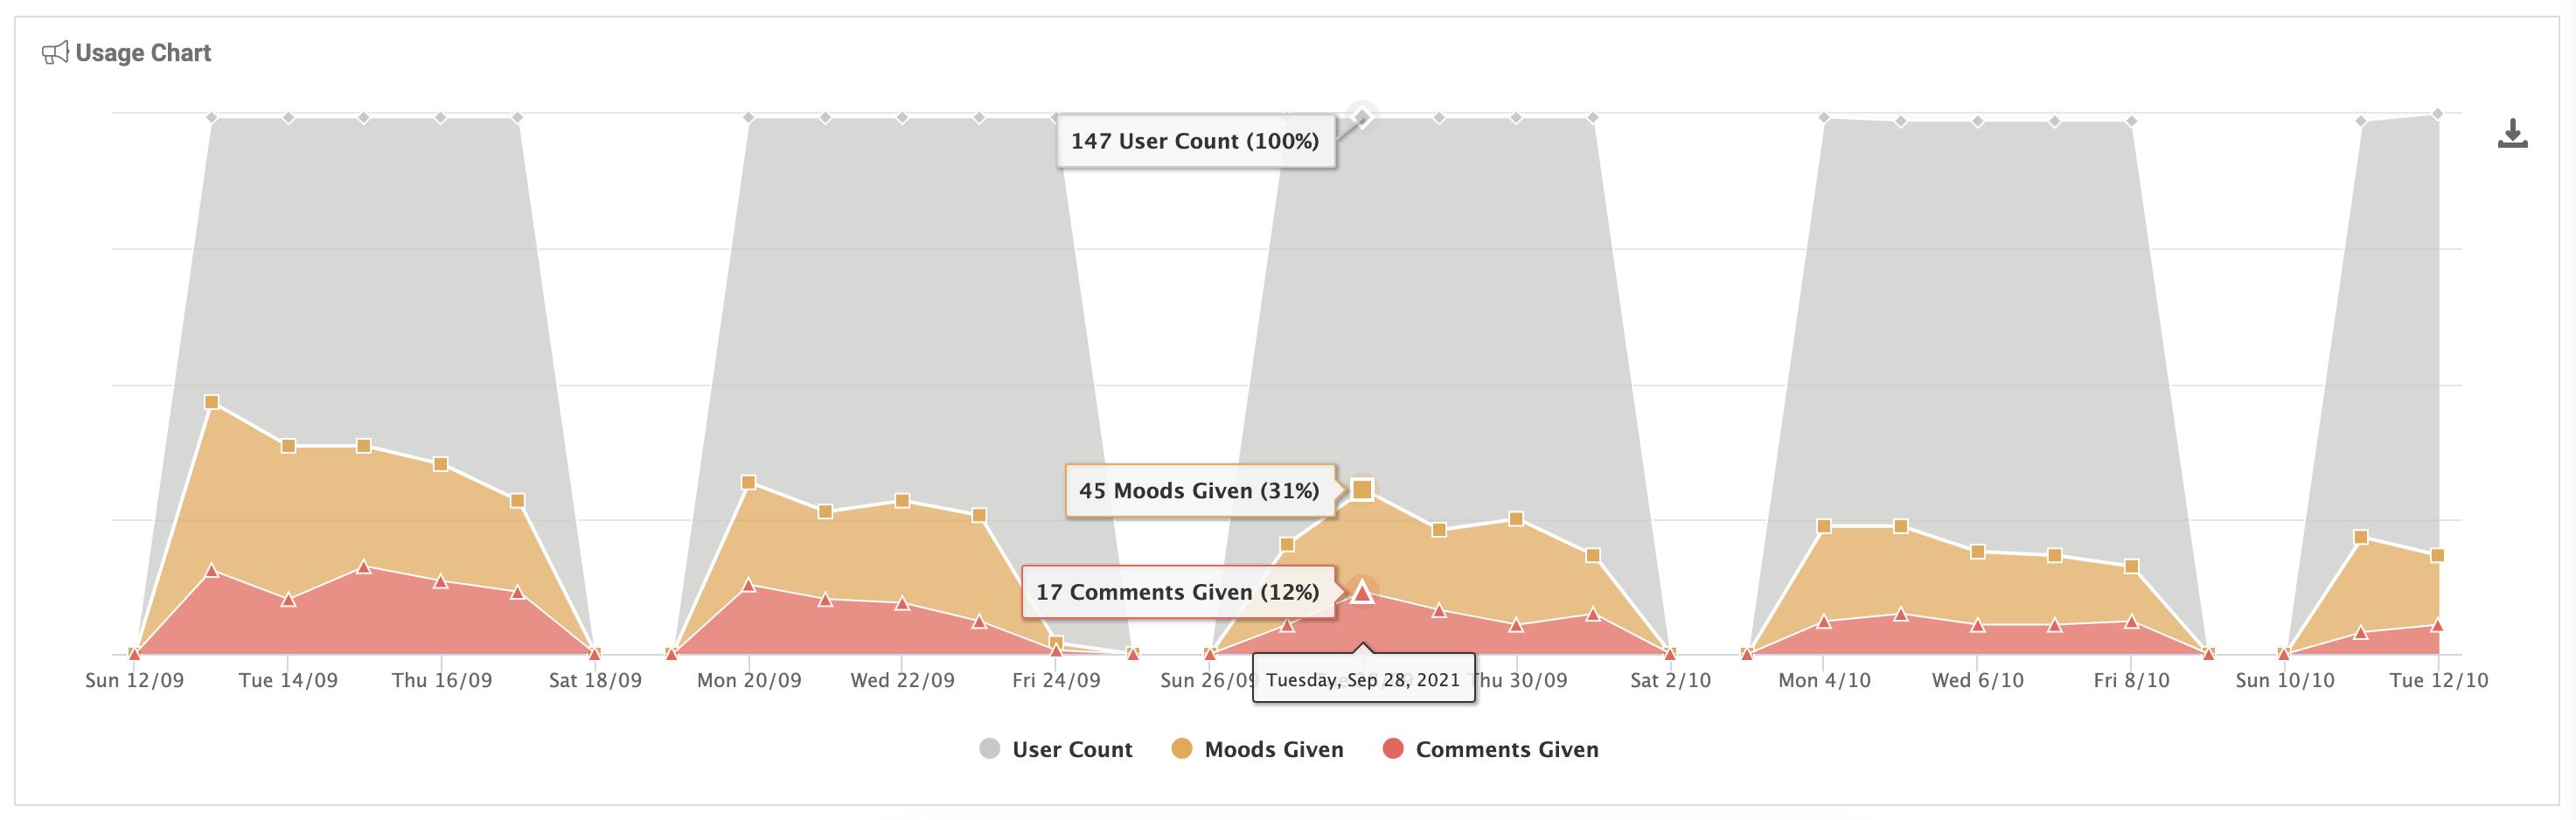 Usage Chart